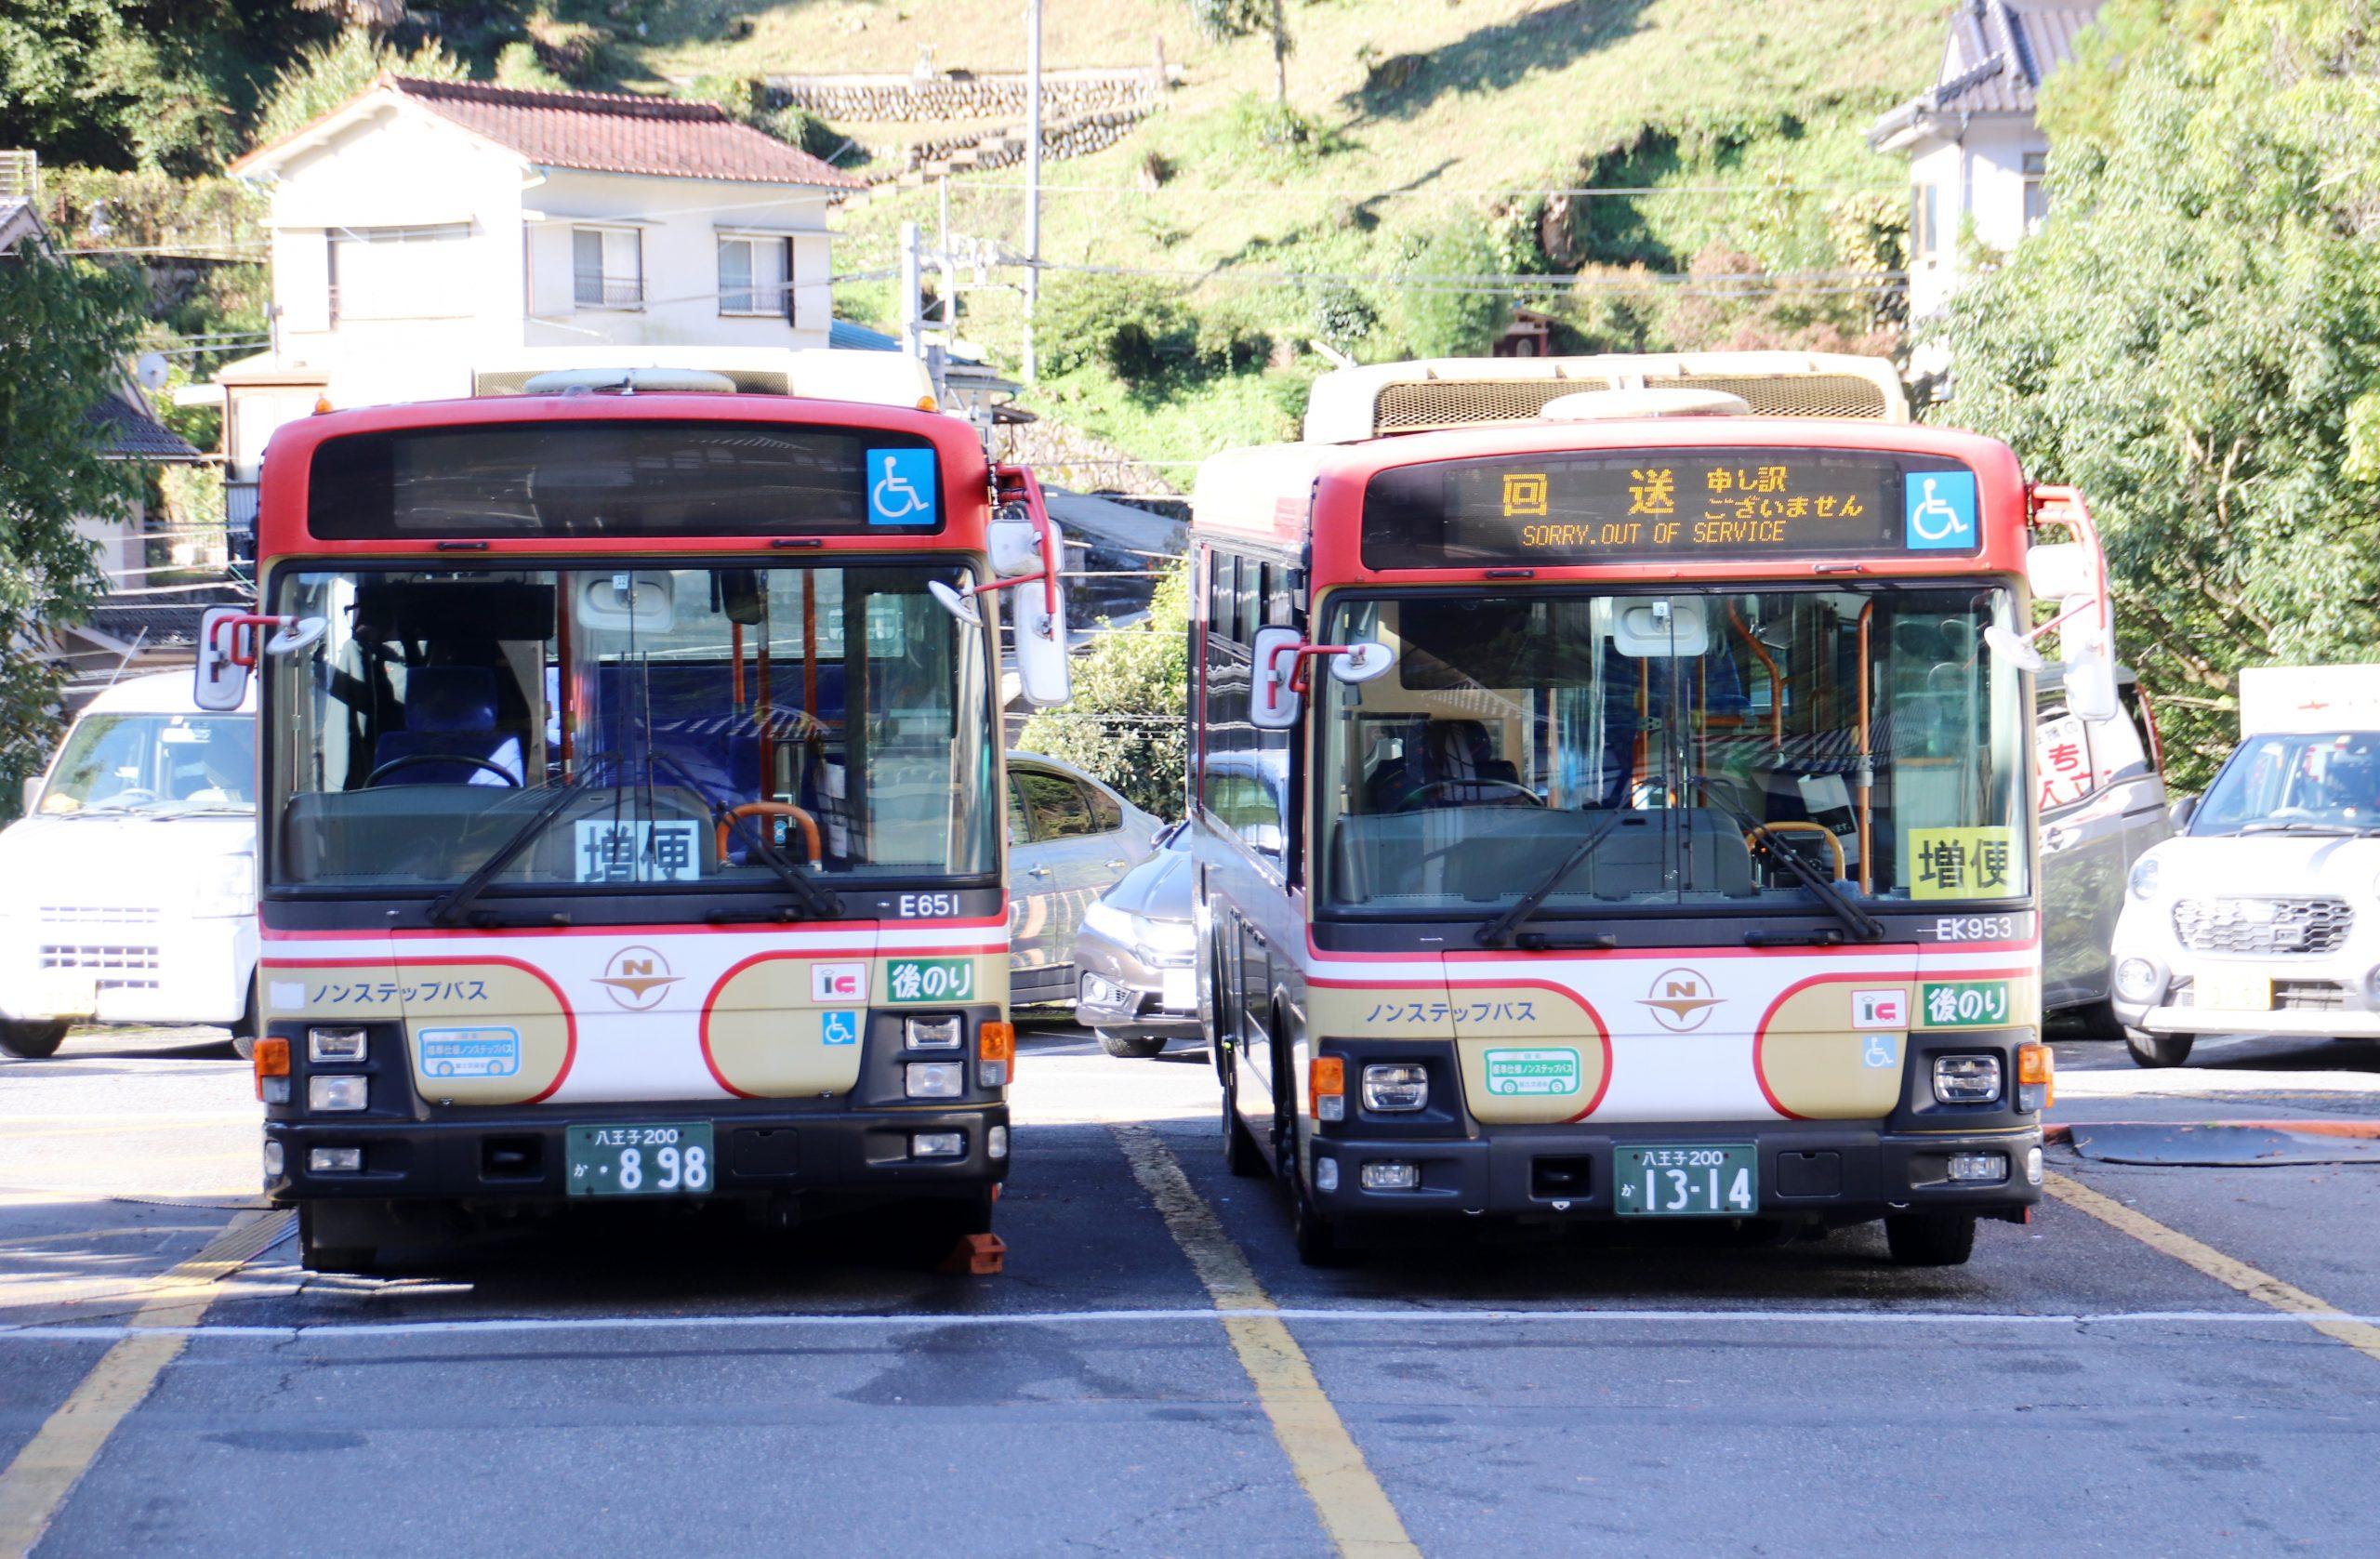 紅葉・登山シーズン到来!奥多摩駅前バス停は早朝から混雑!